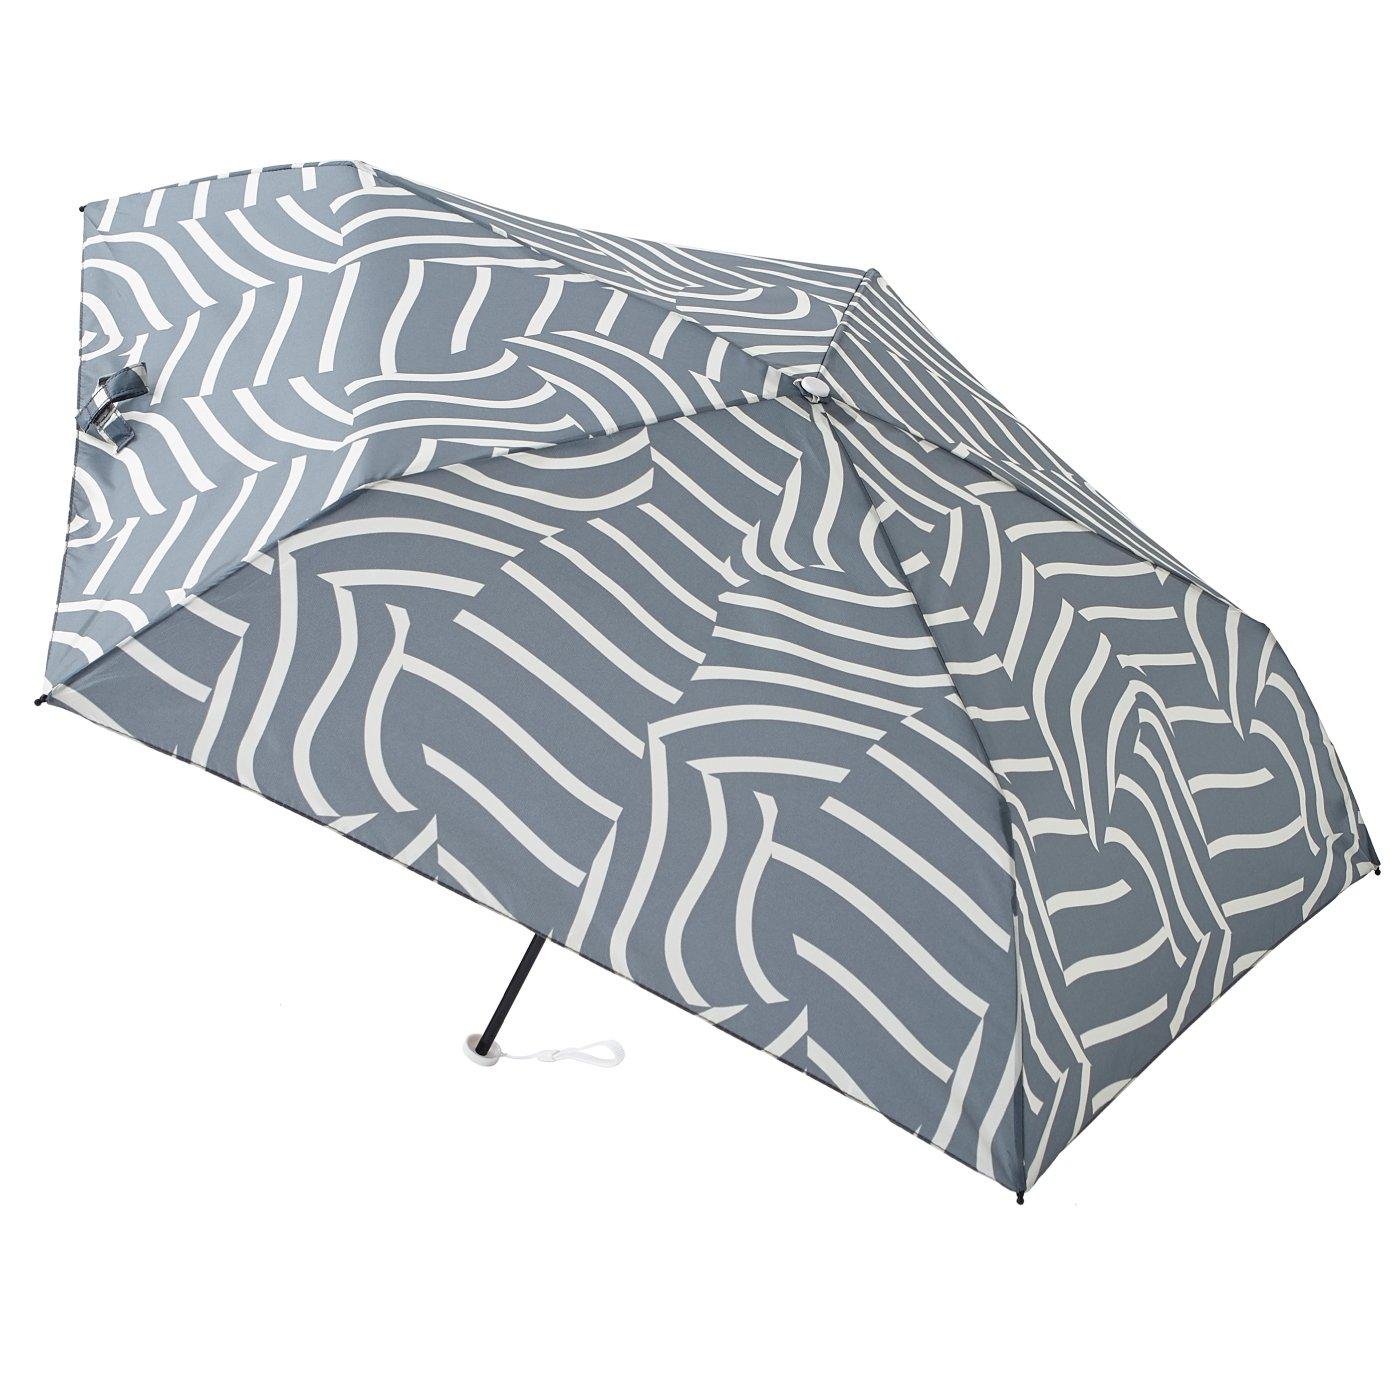 晴雨兼用 UV防止 ペールカラー estaa / エスタ 『ナミストライプ』 超軽量雨傘